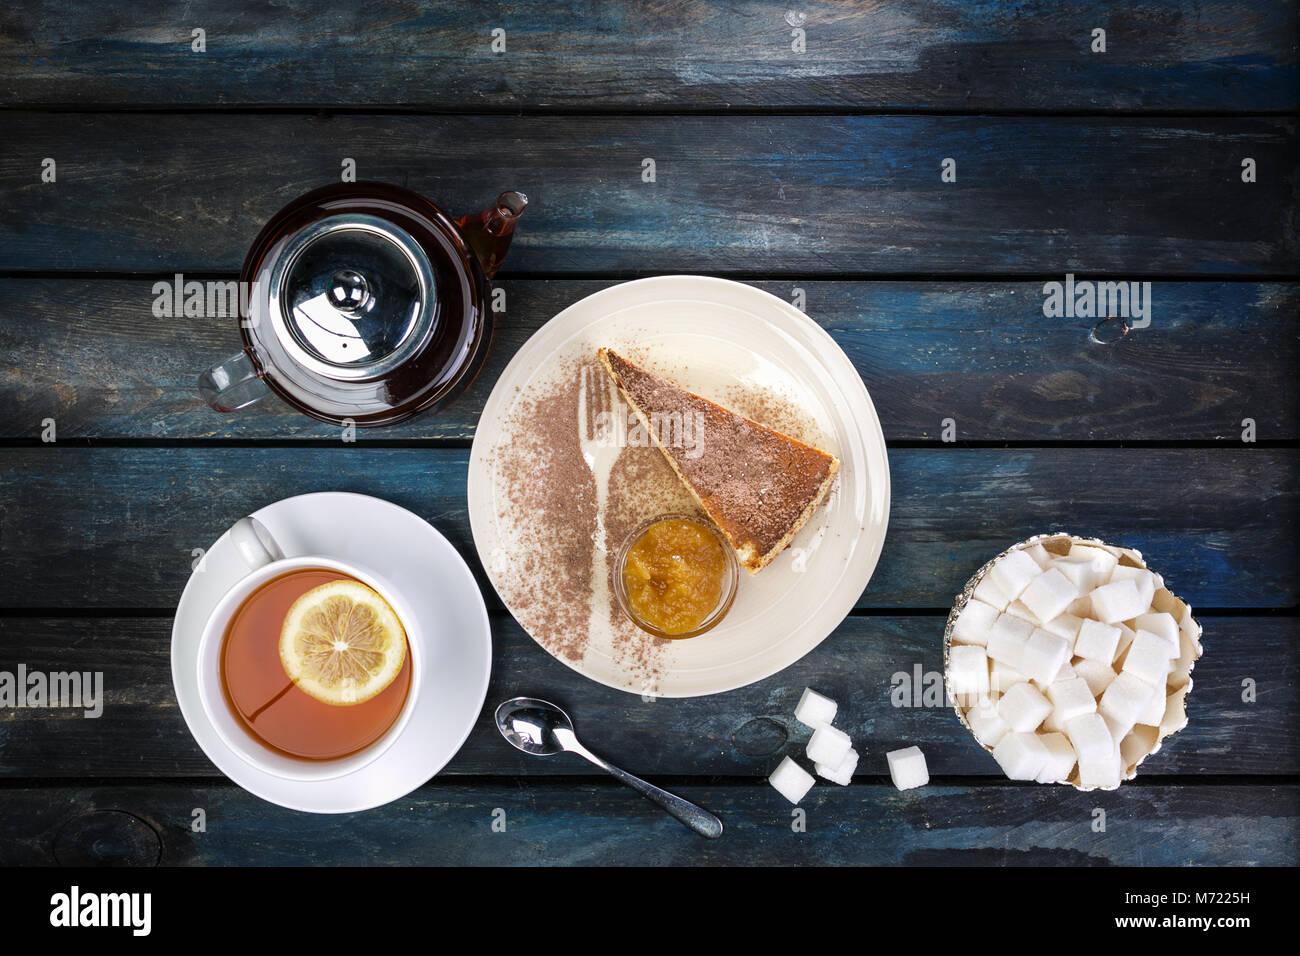 Stück Käsekuchen mit Marmelade und Tee Wasserkocher mit Zitrone und rafinated Zucker auf einem farbigen Stockbild